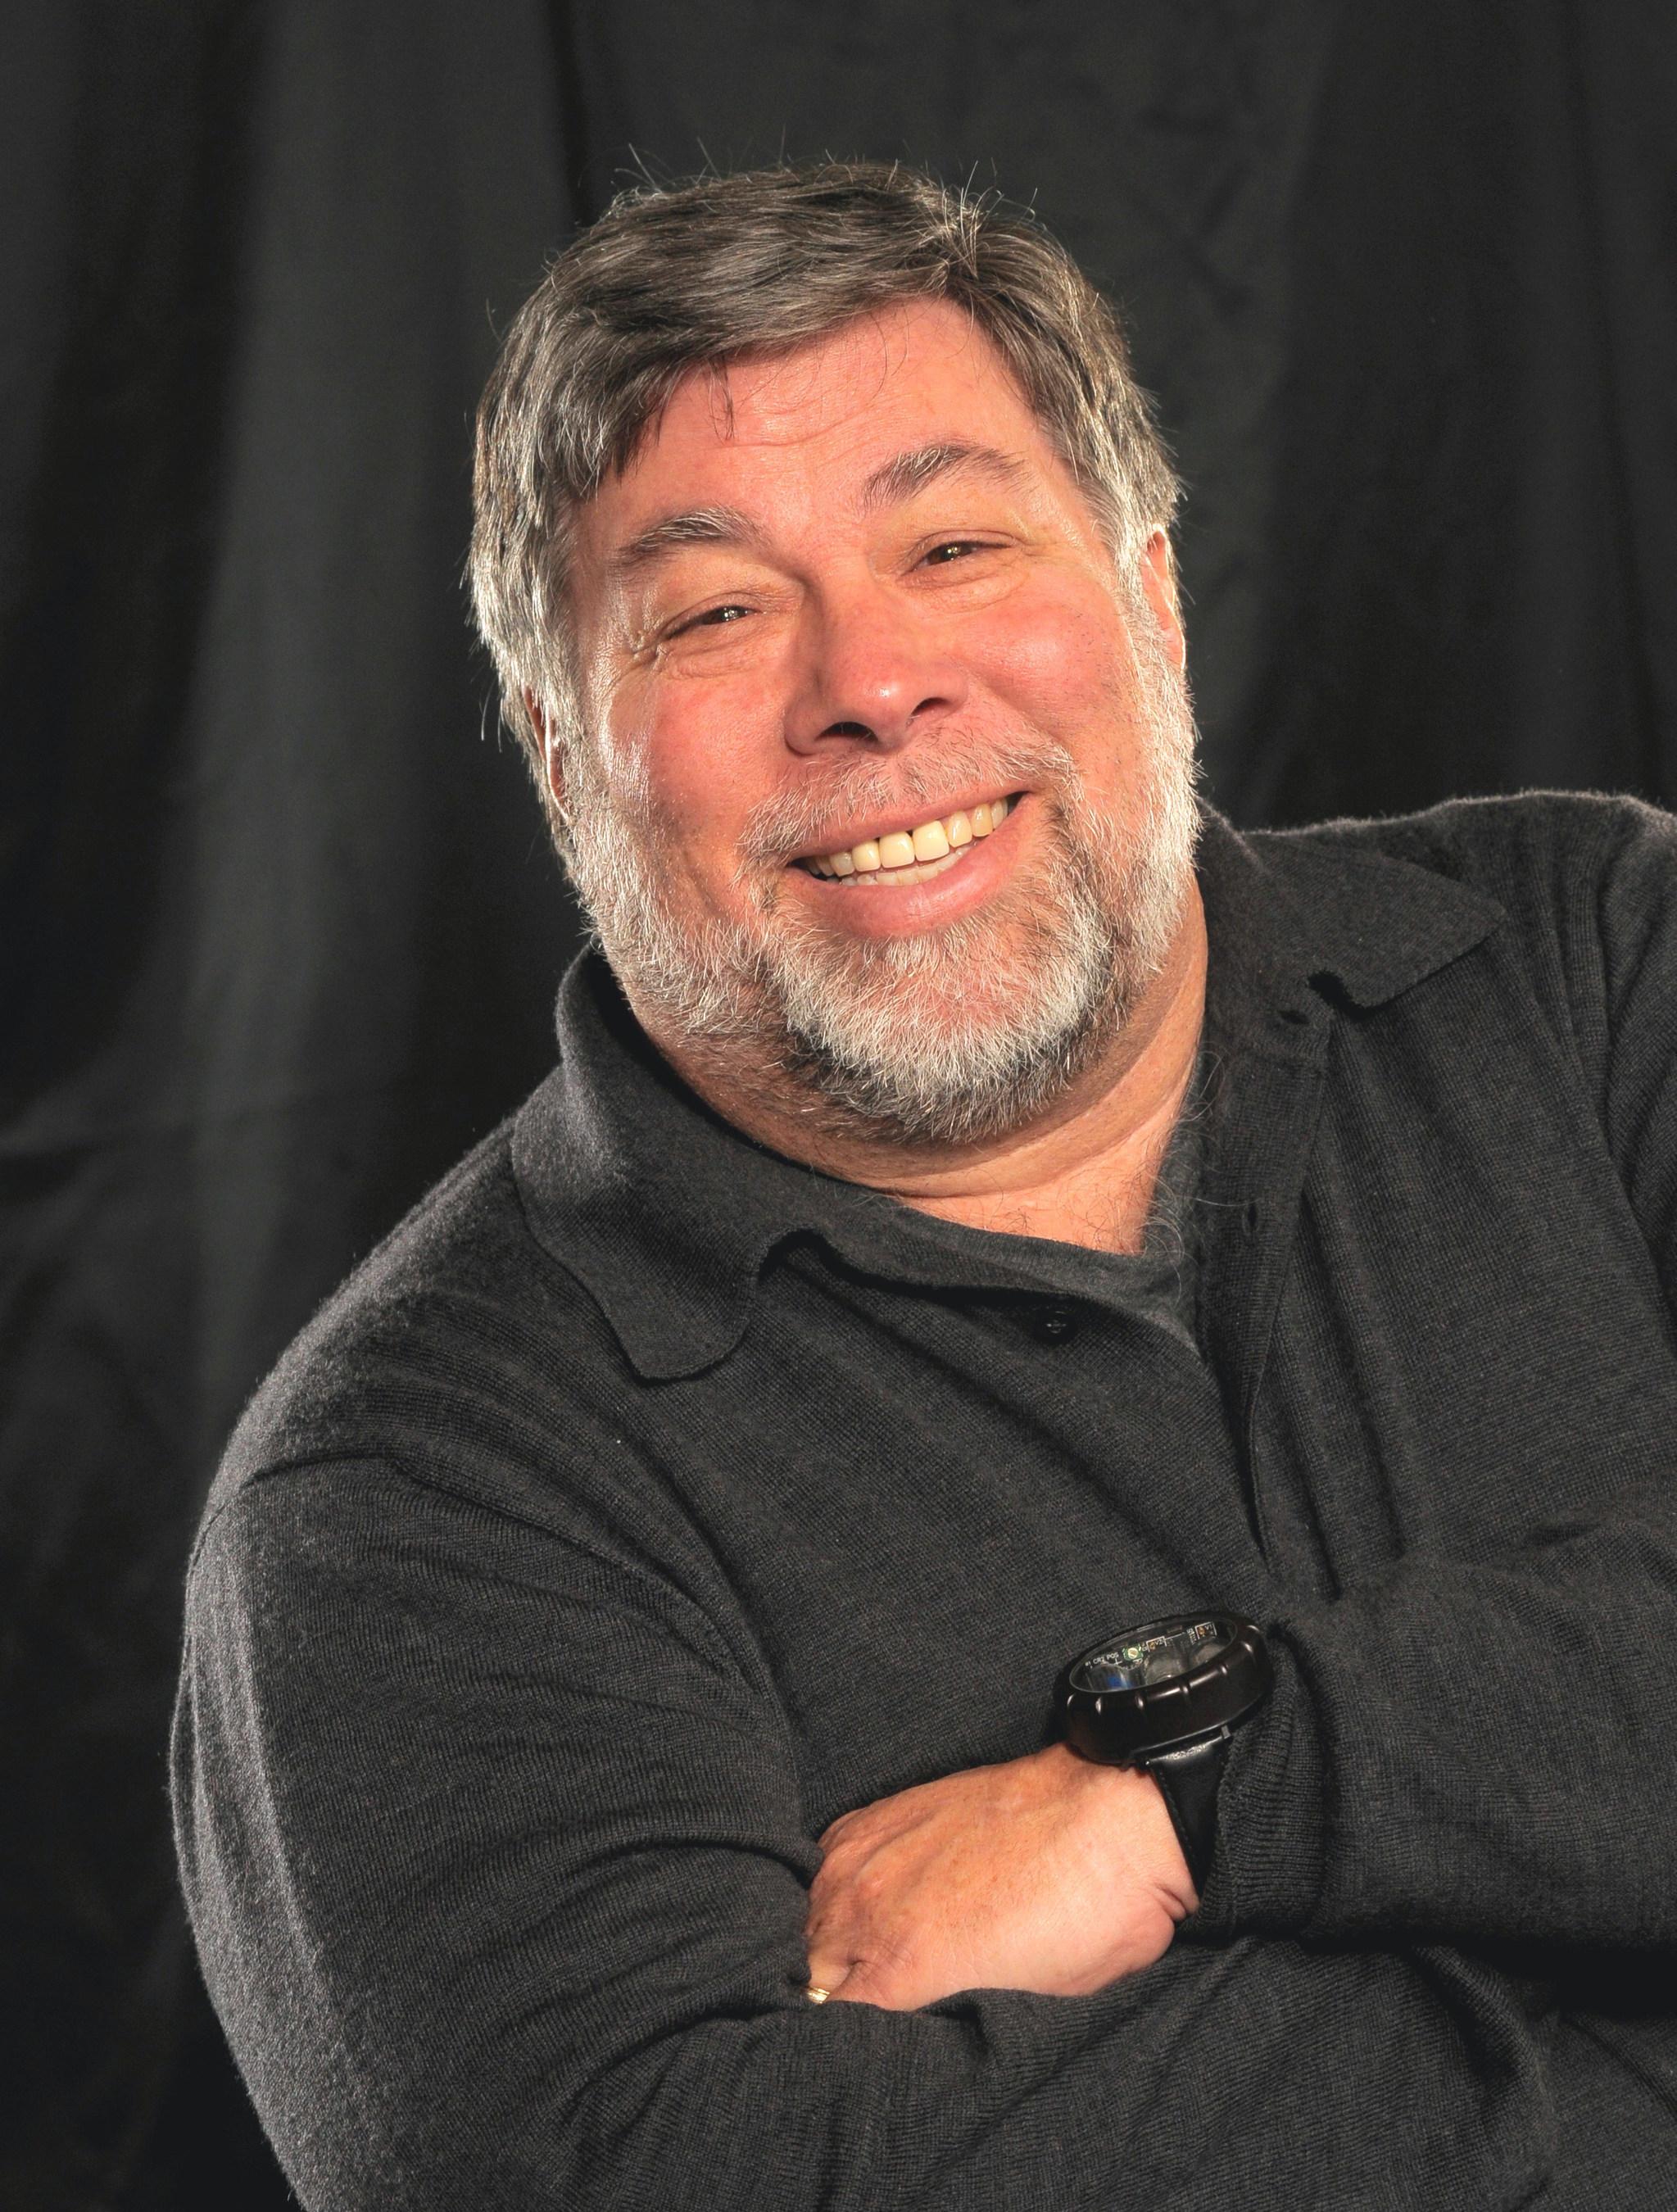 Apple Co-Founder Steve Wozniak to Keynote Postgres Vision October 11-13 in San Francisco